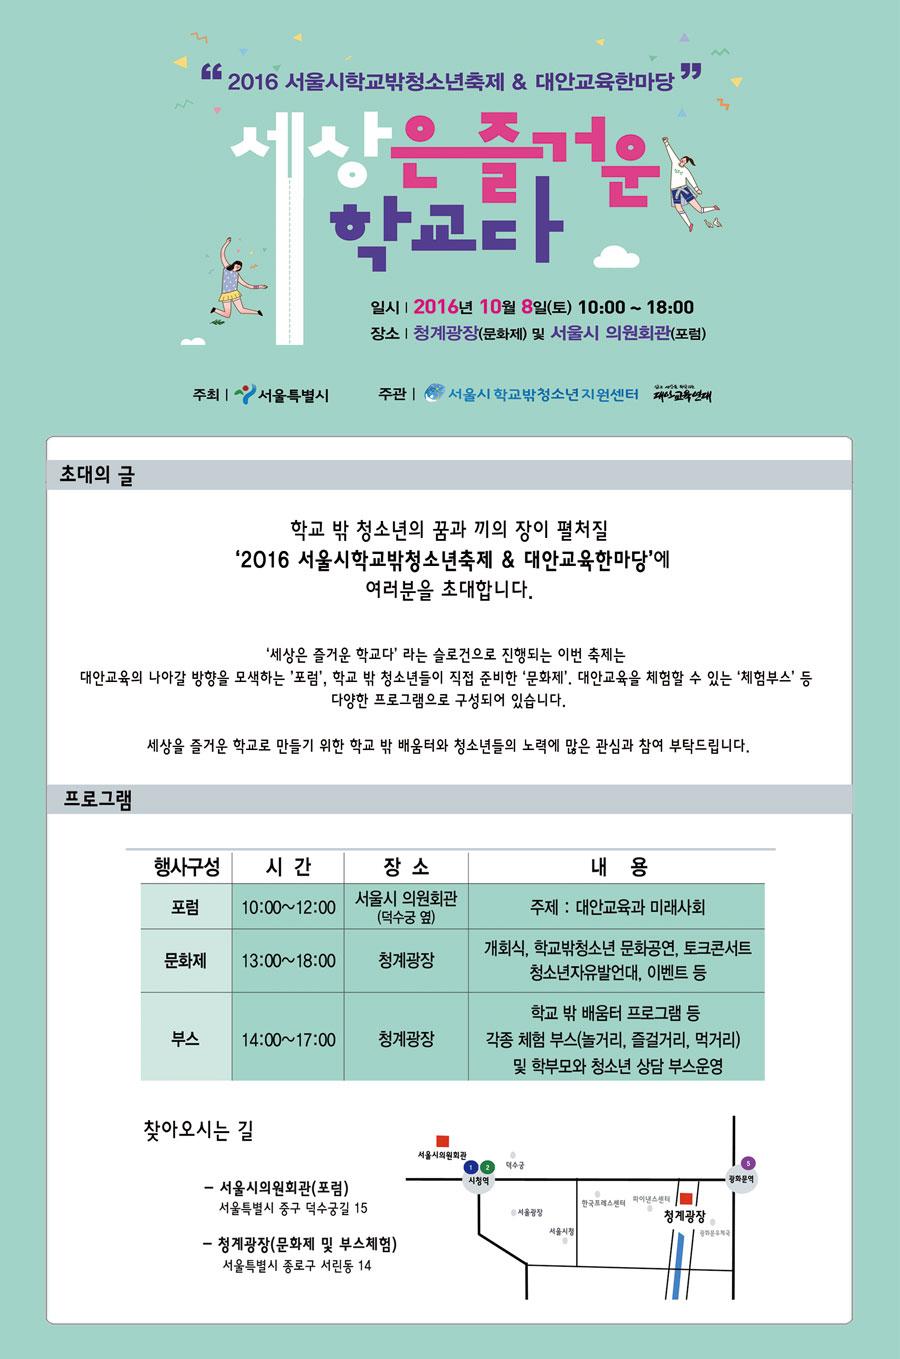 2.초청장_2016학교밖청소년축제.jpg